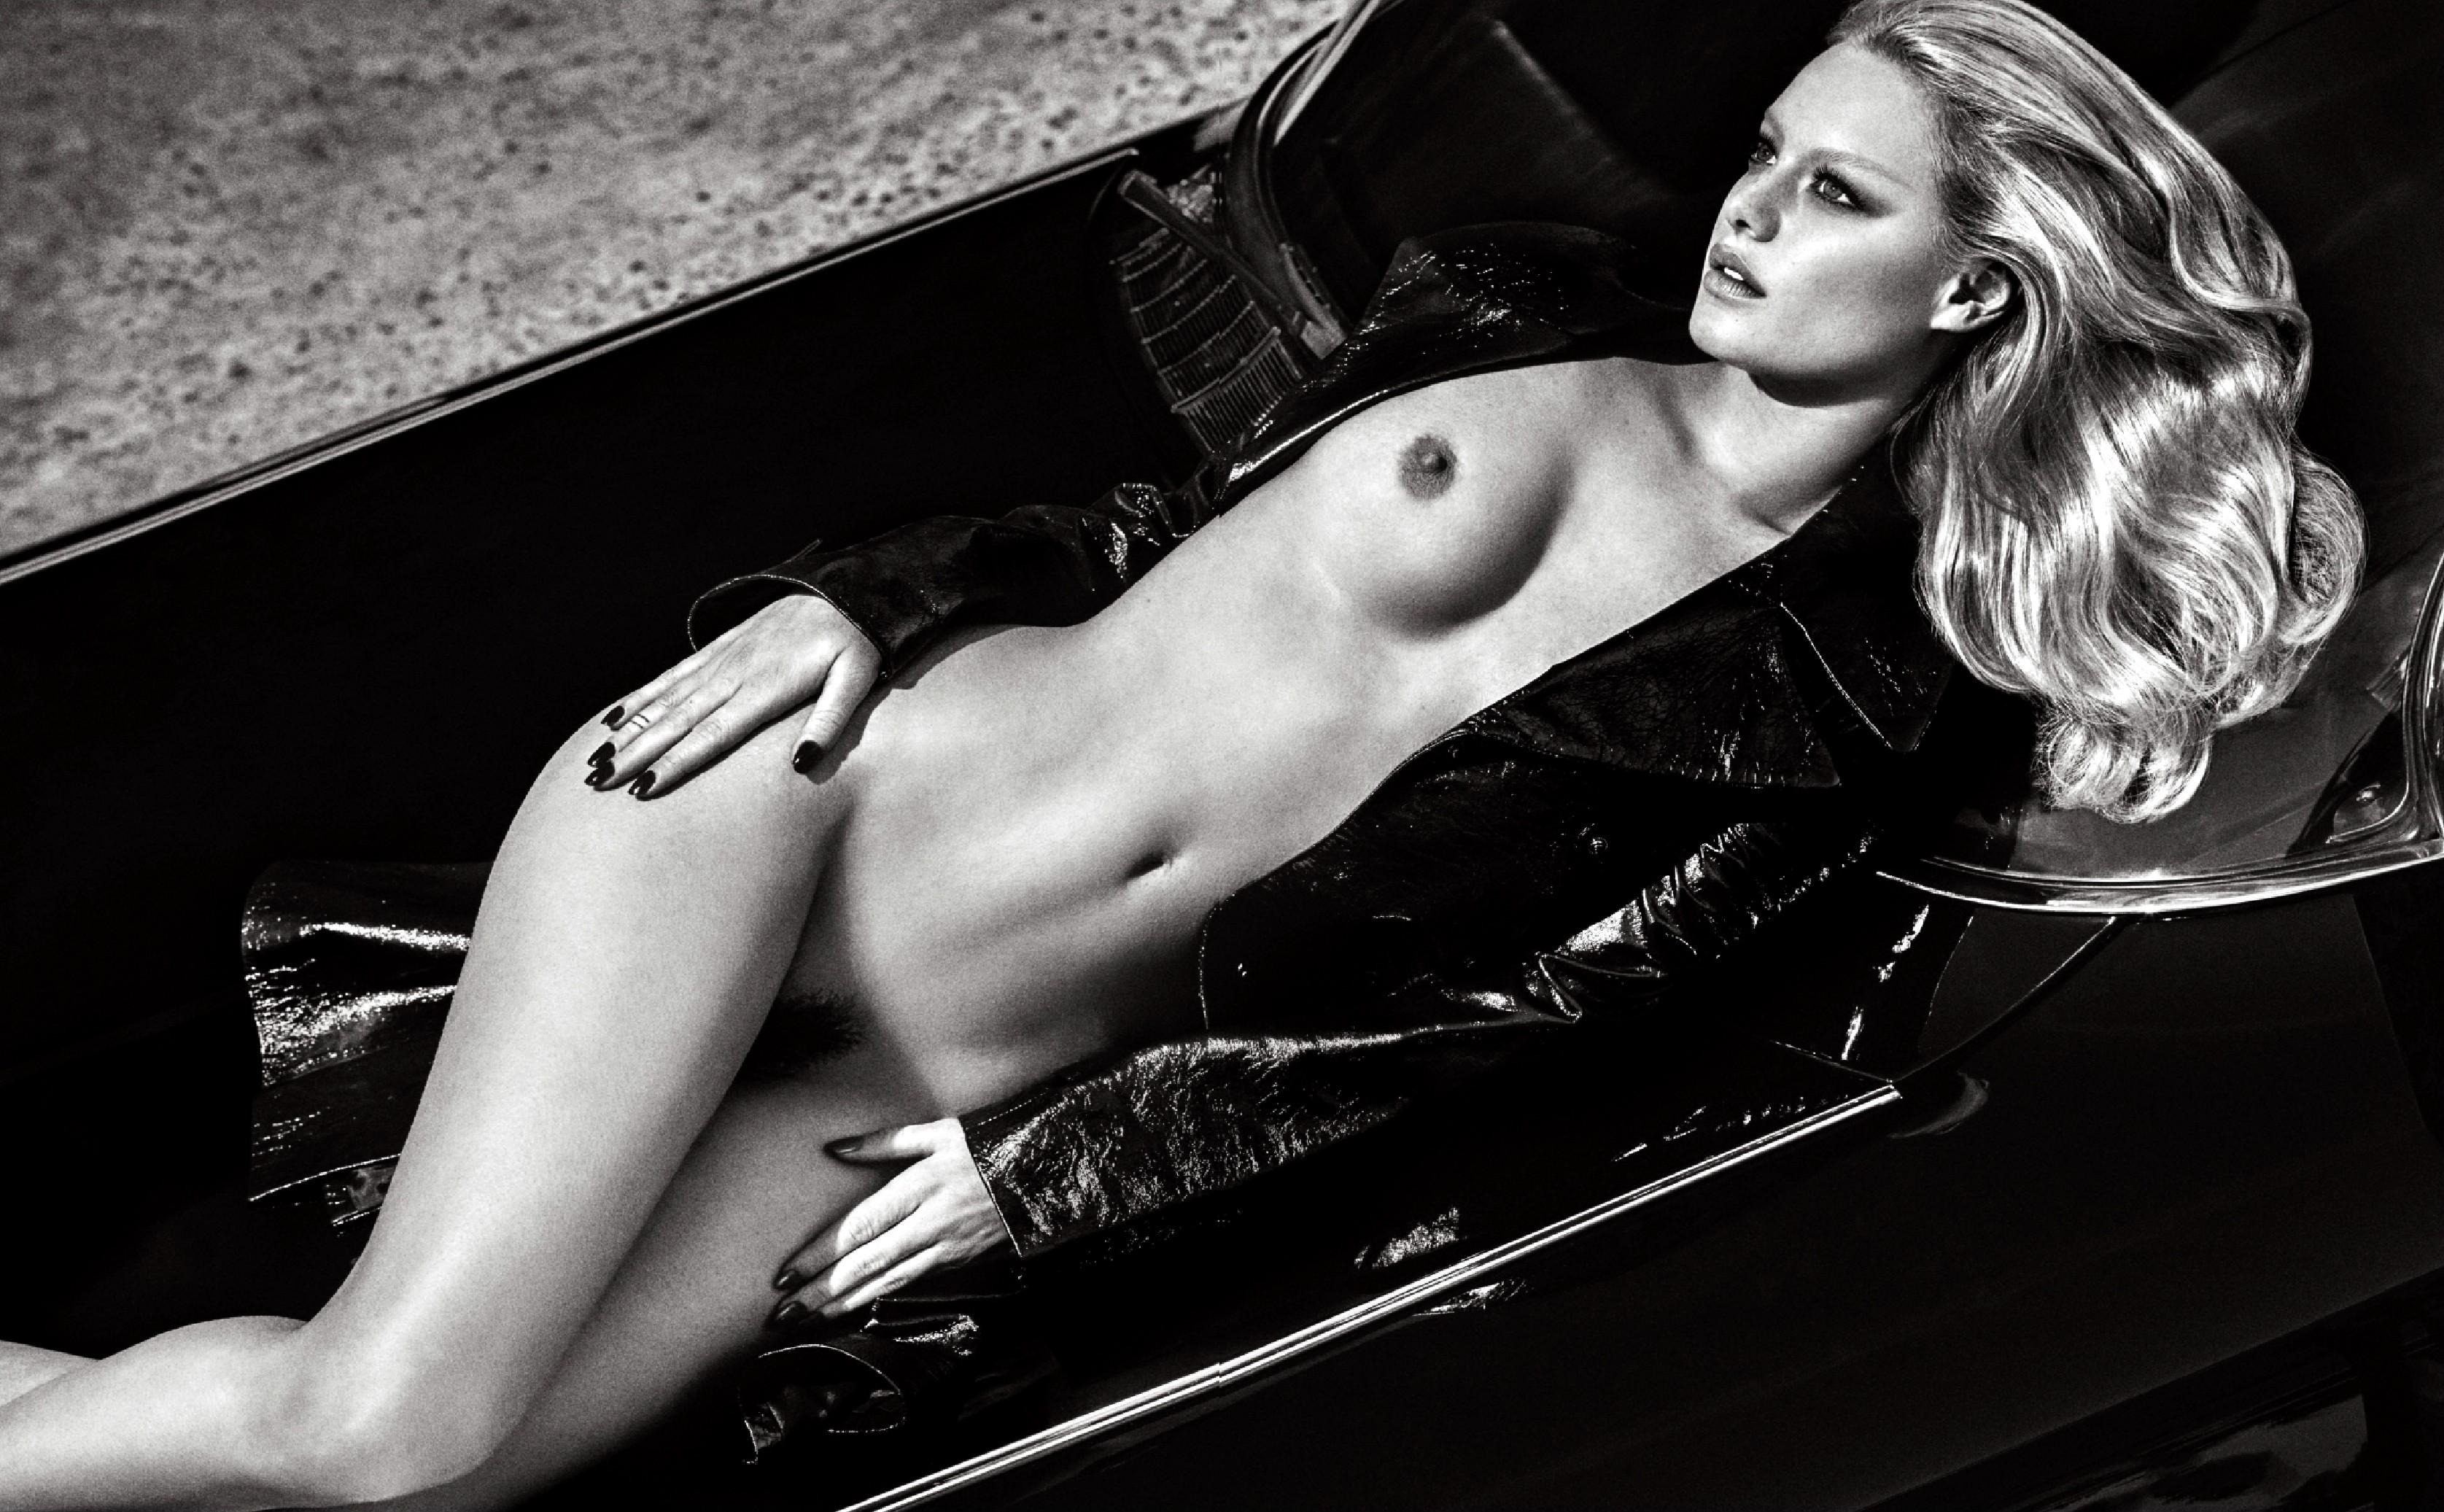 Xxx club magazine nude pictorial club magazine models porn club magazine models porn club